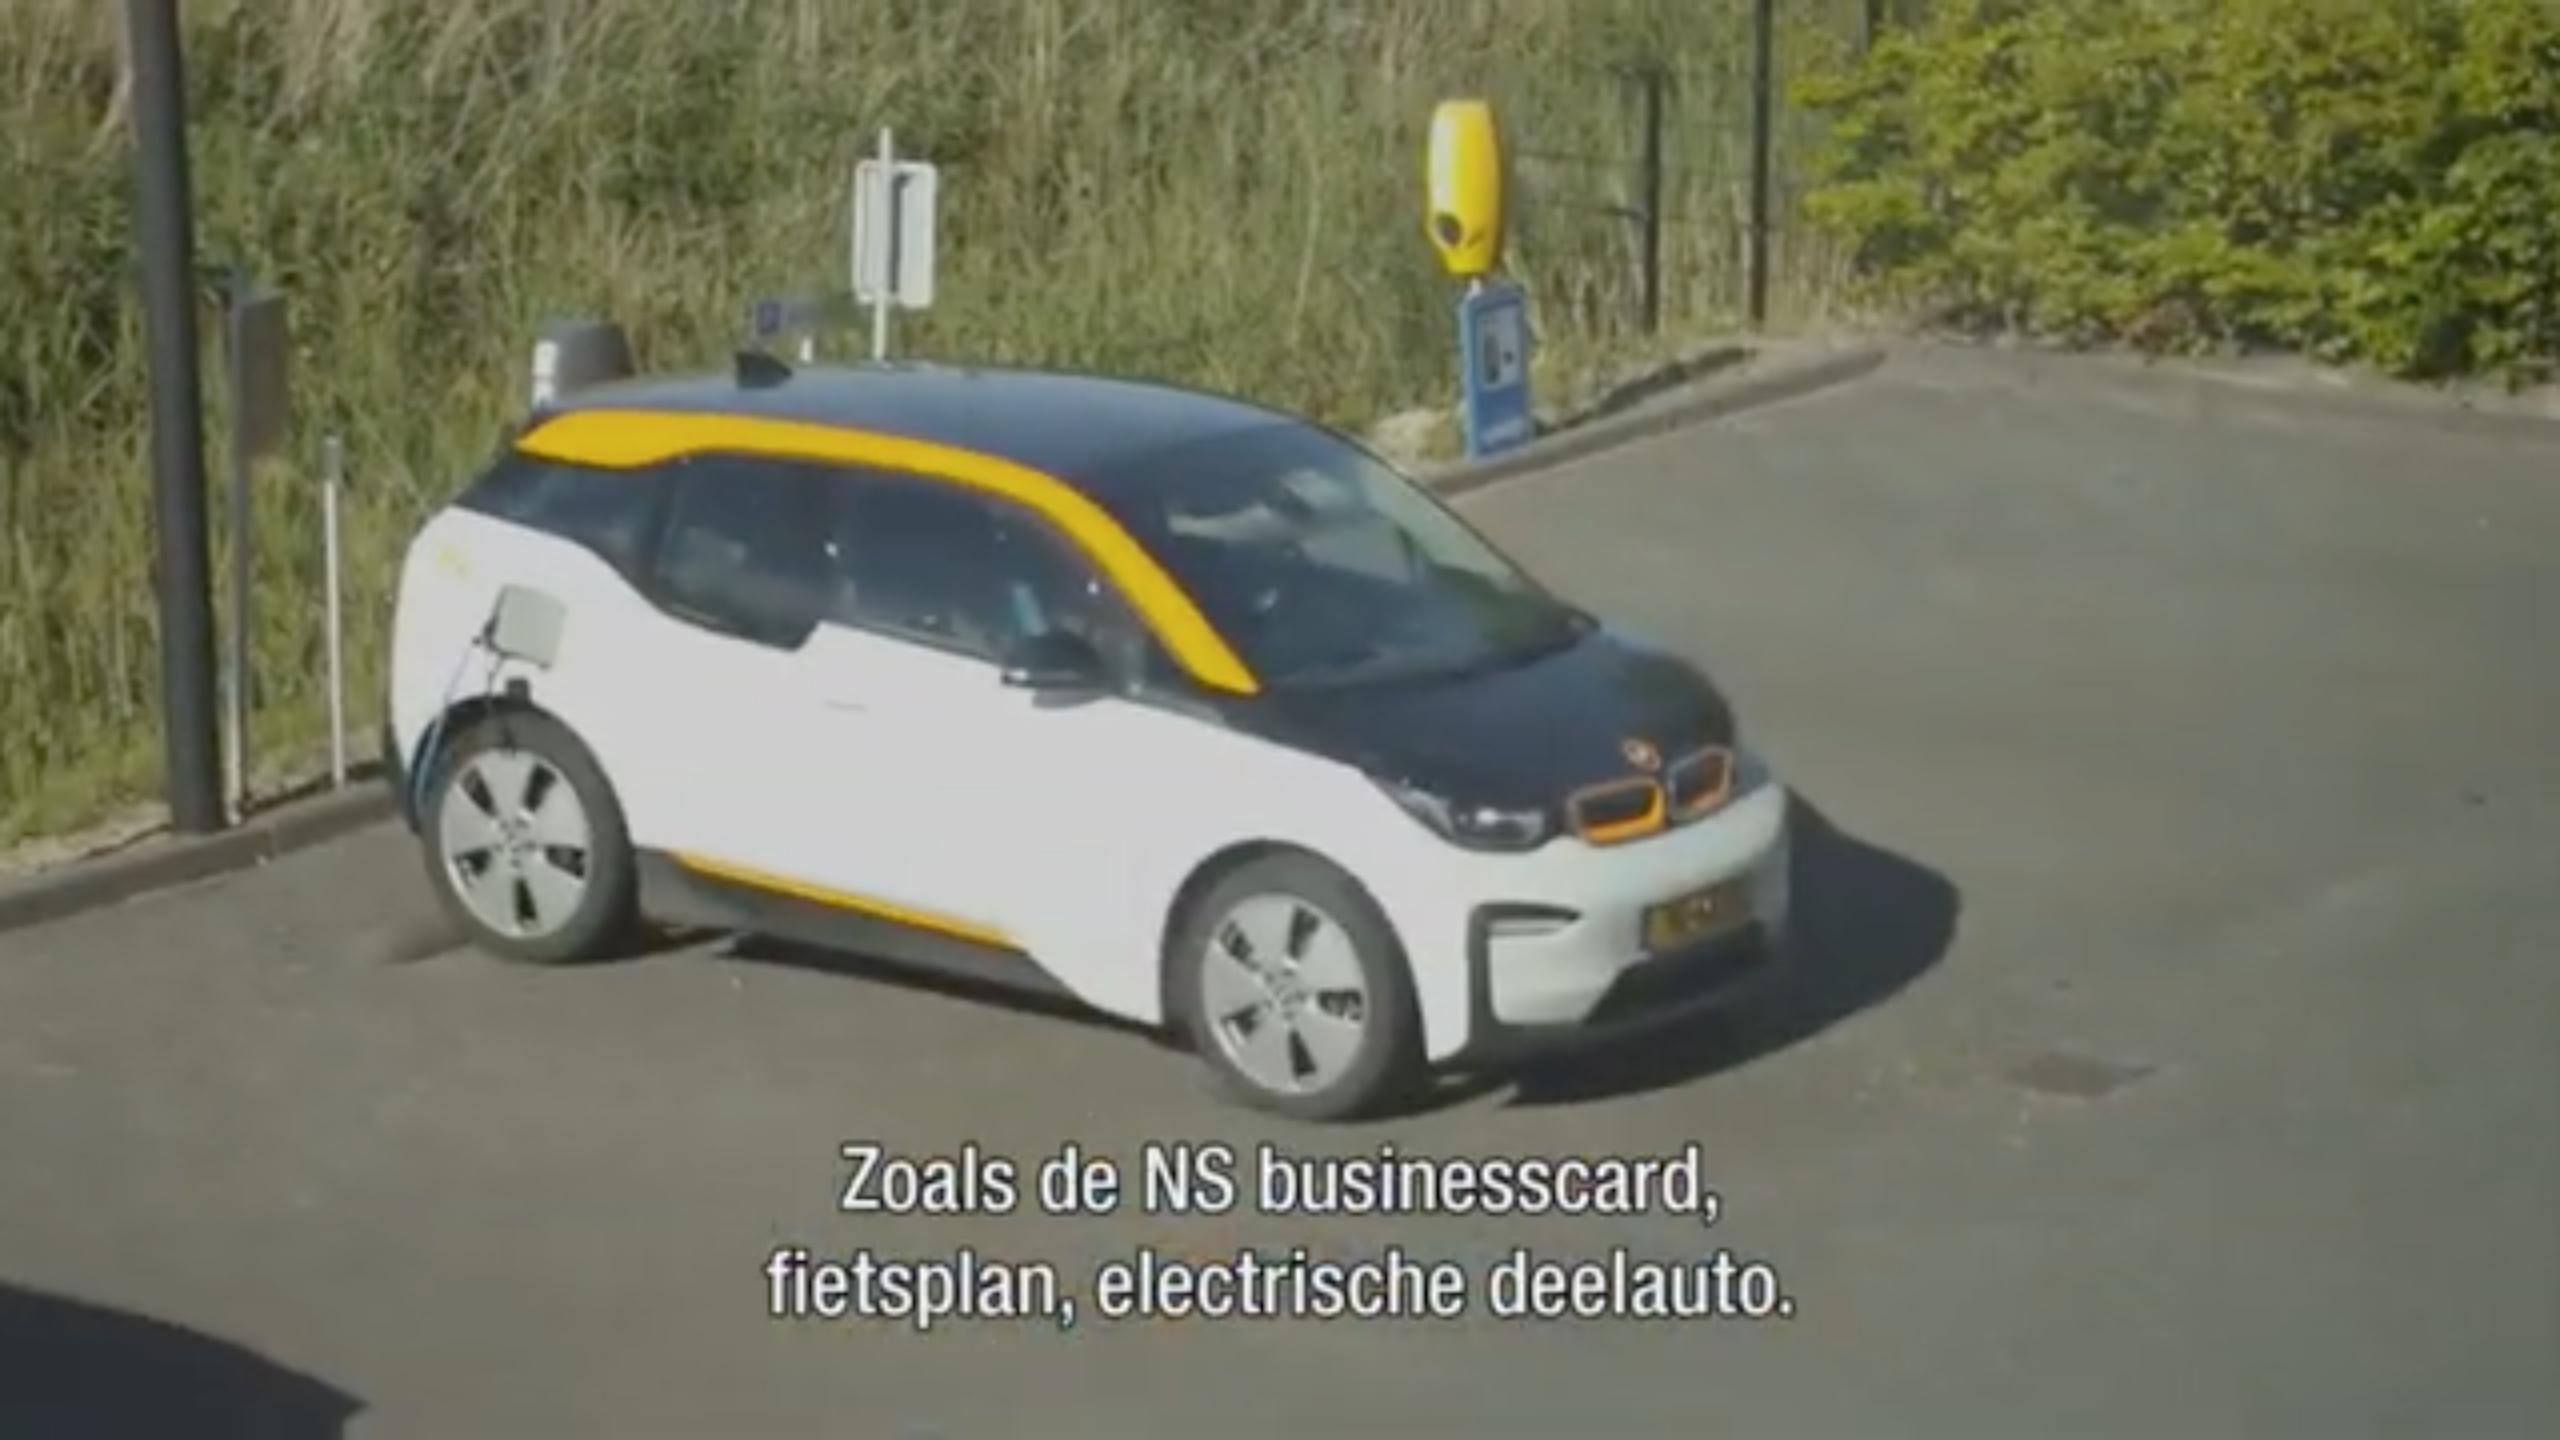 arup - deelauto's - mobiliteitsplan - reiskosten